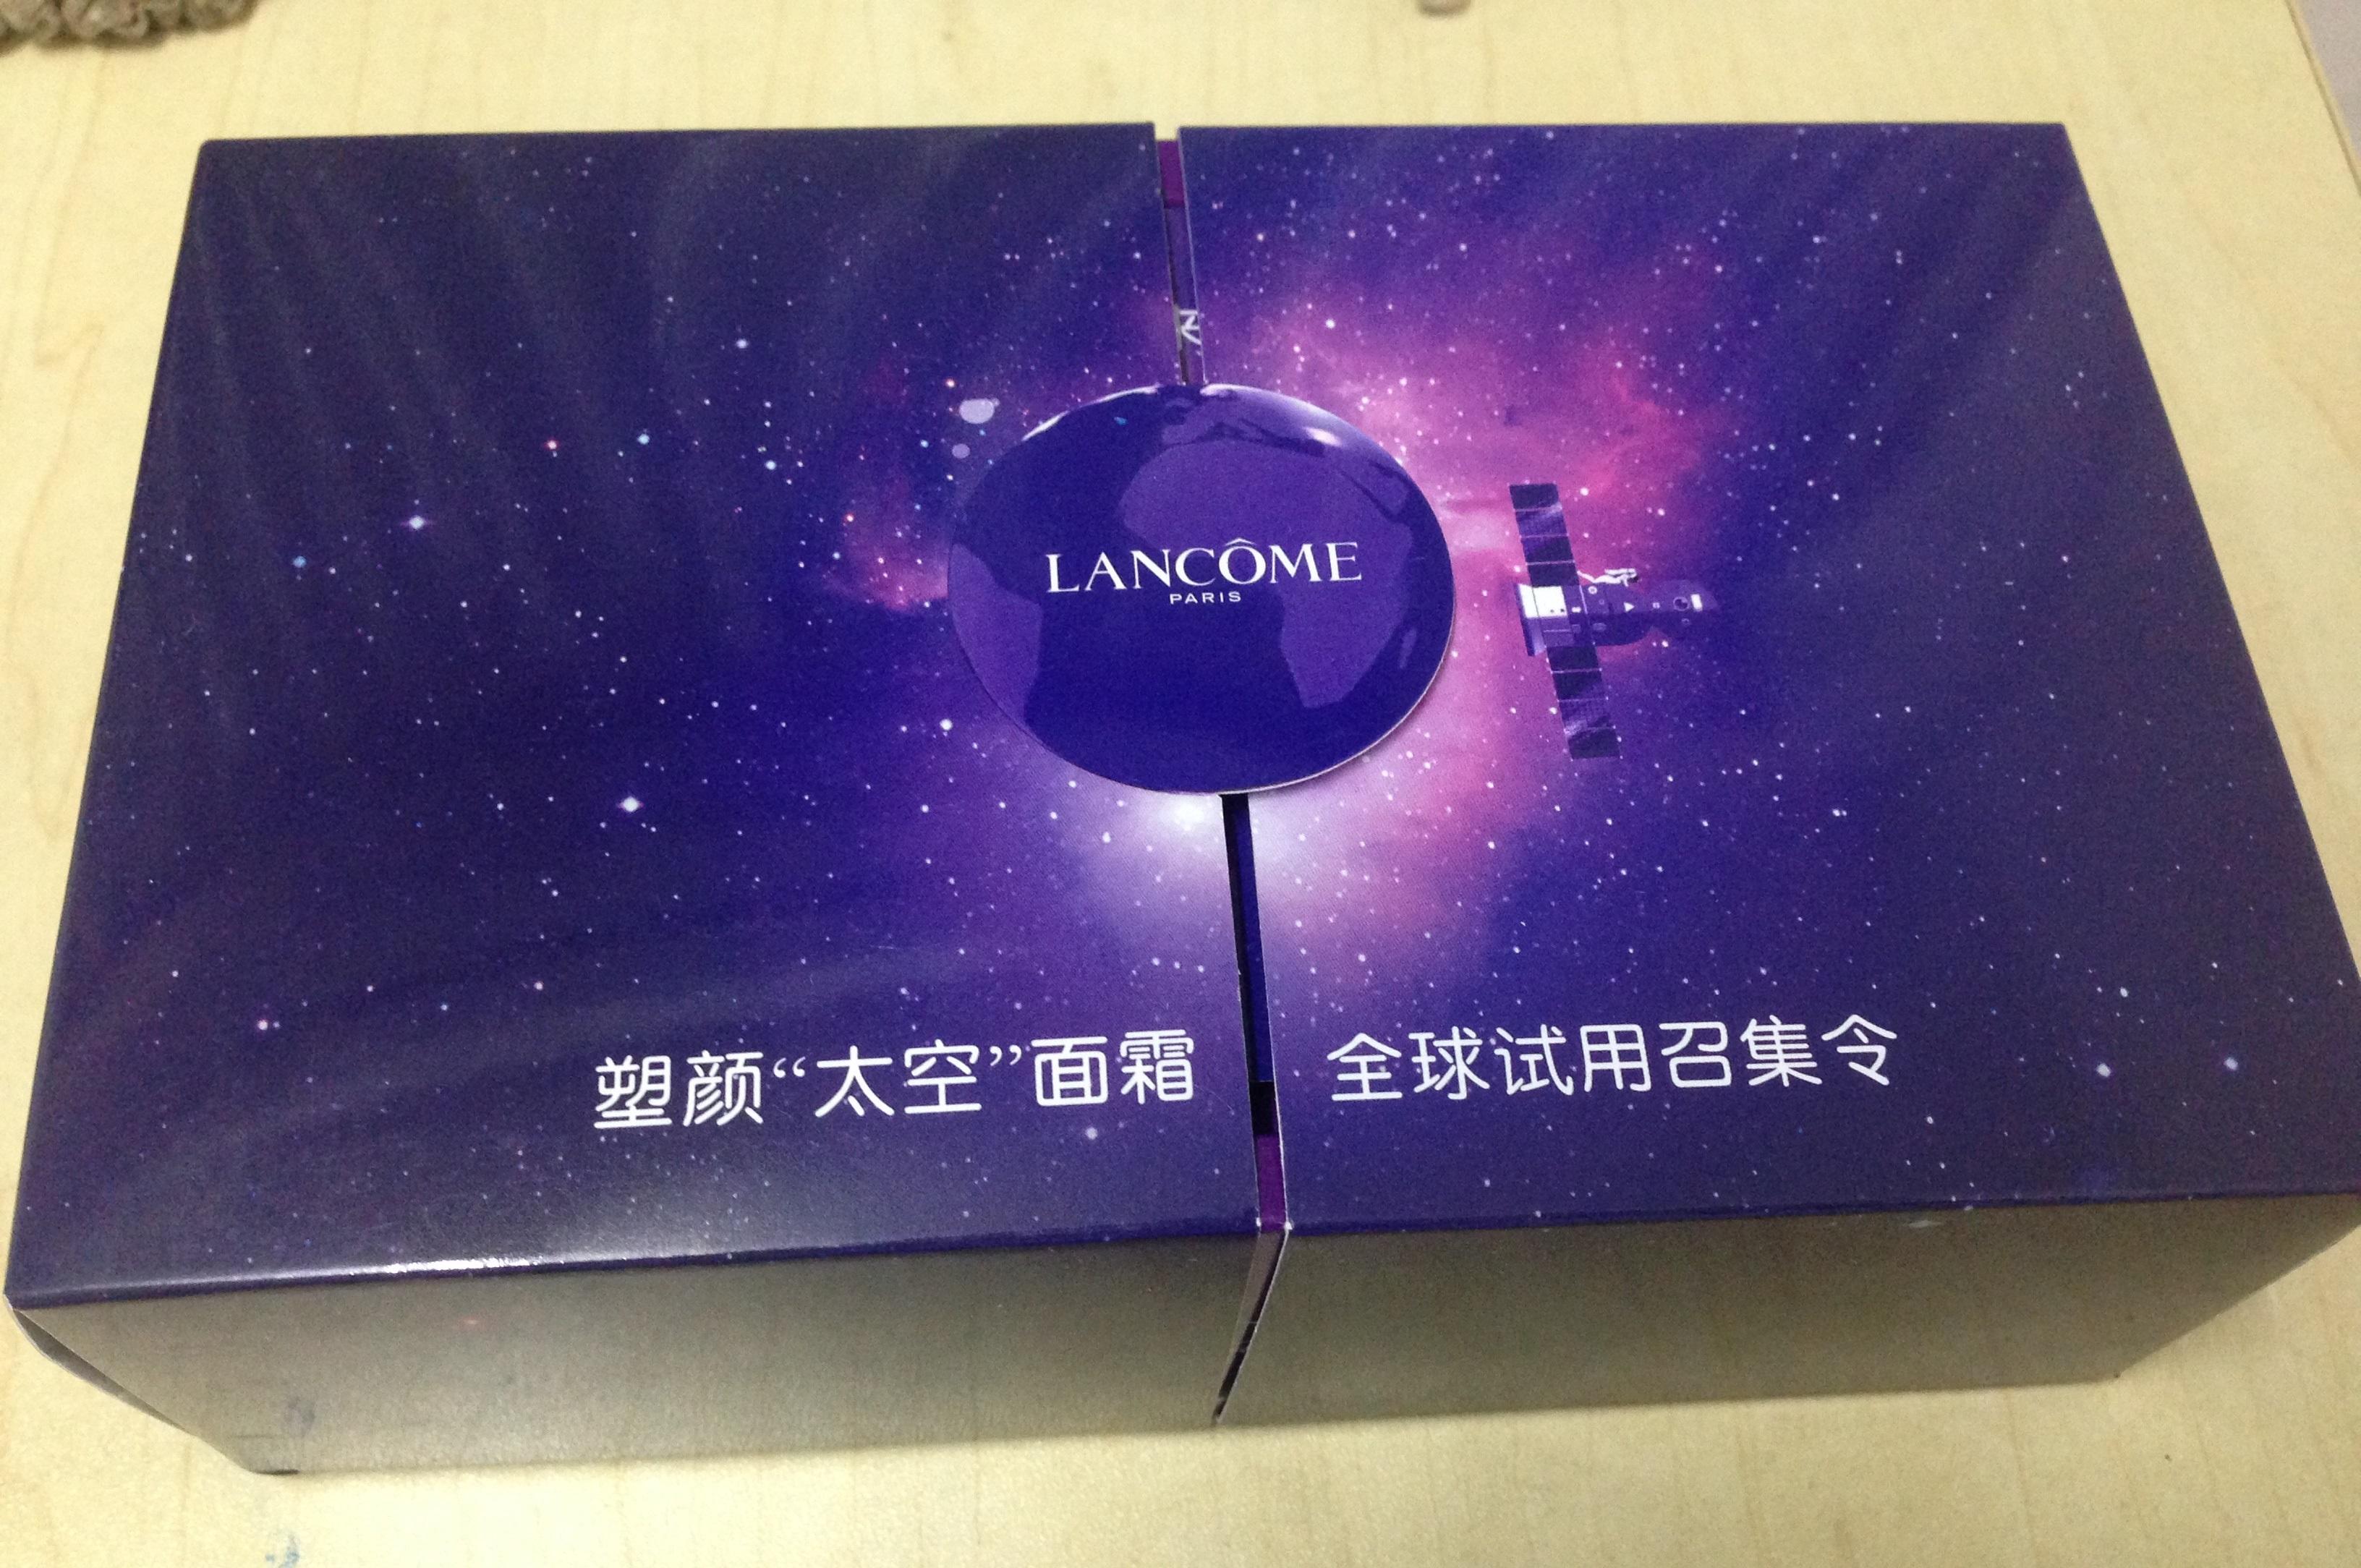 兰蔻素颜霜,高大上的太空礼物